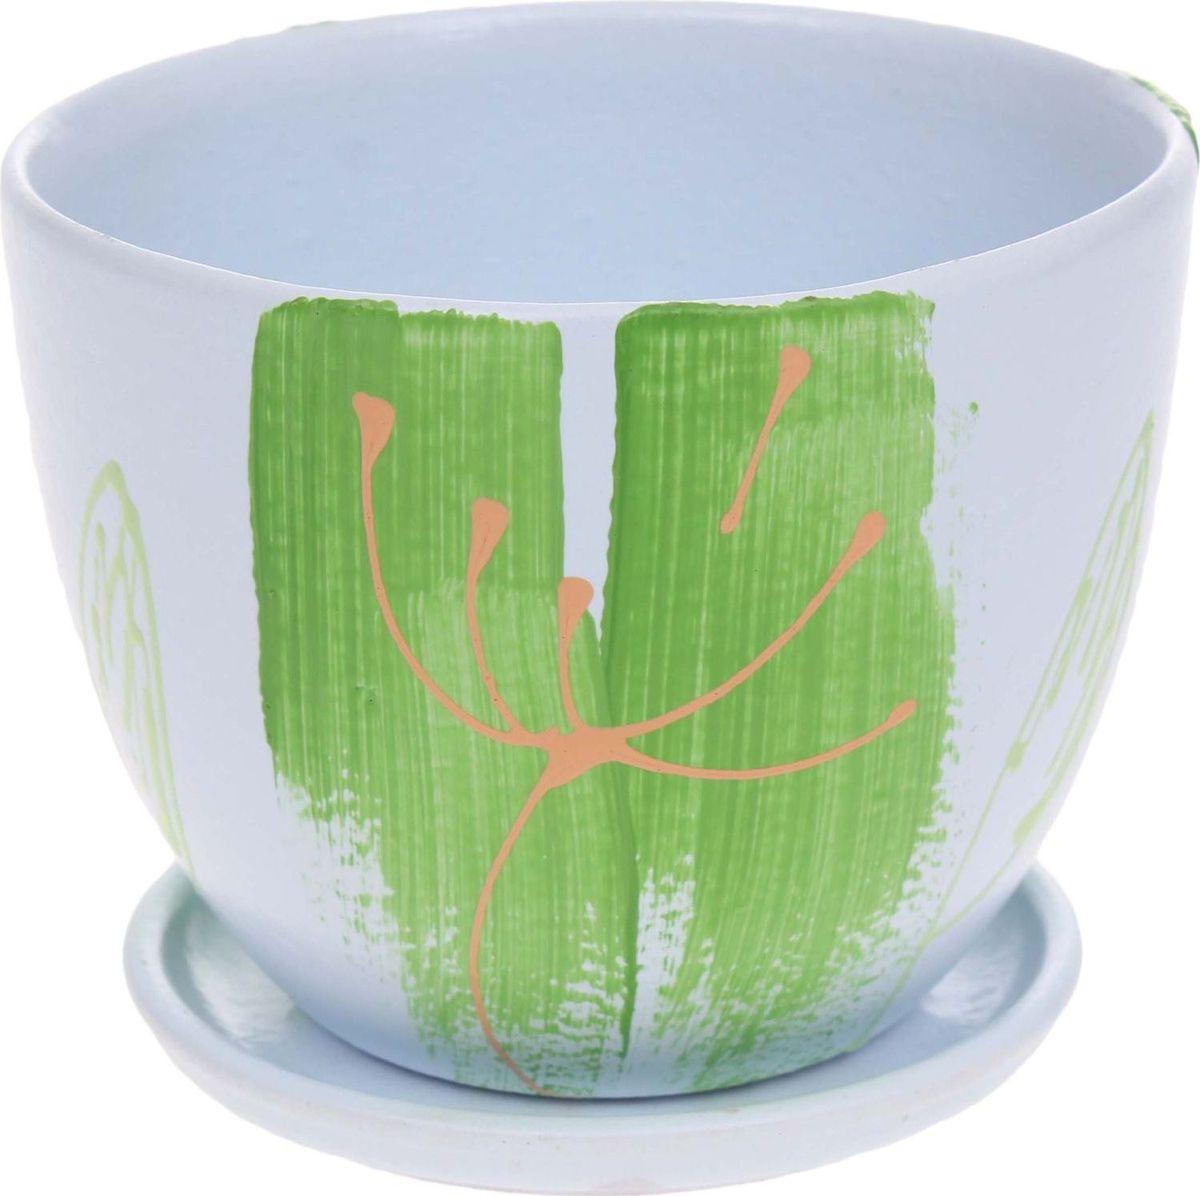 Кашпо Тмин, 0,6 л1186583Комнатные растения — всеобщие любимцы. Они радуют глаз, насыщают помещение кислородом и украшают пространство. Каждому из них необходим свой удобный и красивый дом. Кашпо из керамики прекрасно подходят для высадки растений: за счёт пластичности глины и разных способов обработки существует великое множество форм и дизайновпористый материал позволяет испаряться лишней влагевоздух, необходимый для дыхания корней, проникает сквозь керамические стенки! #name# позаботится о зелёном питомце, освежит интерьер и подчеркнёт его стиль.